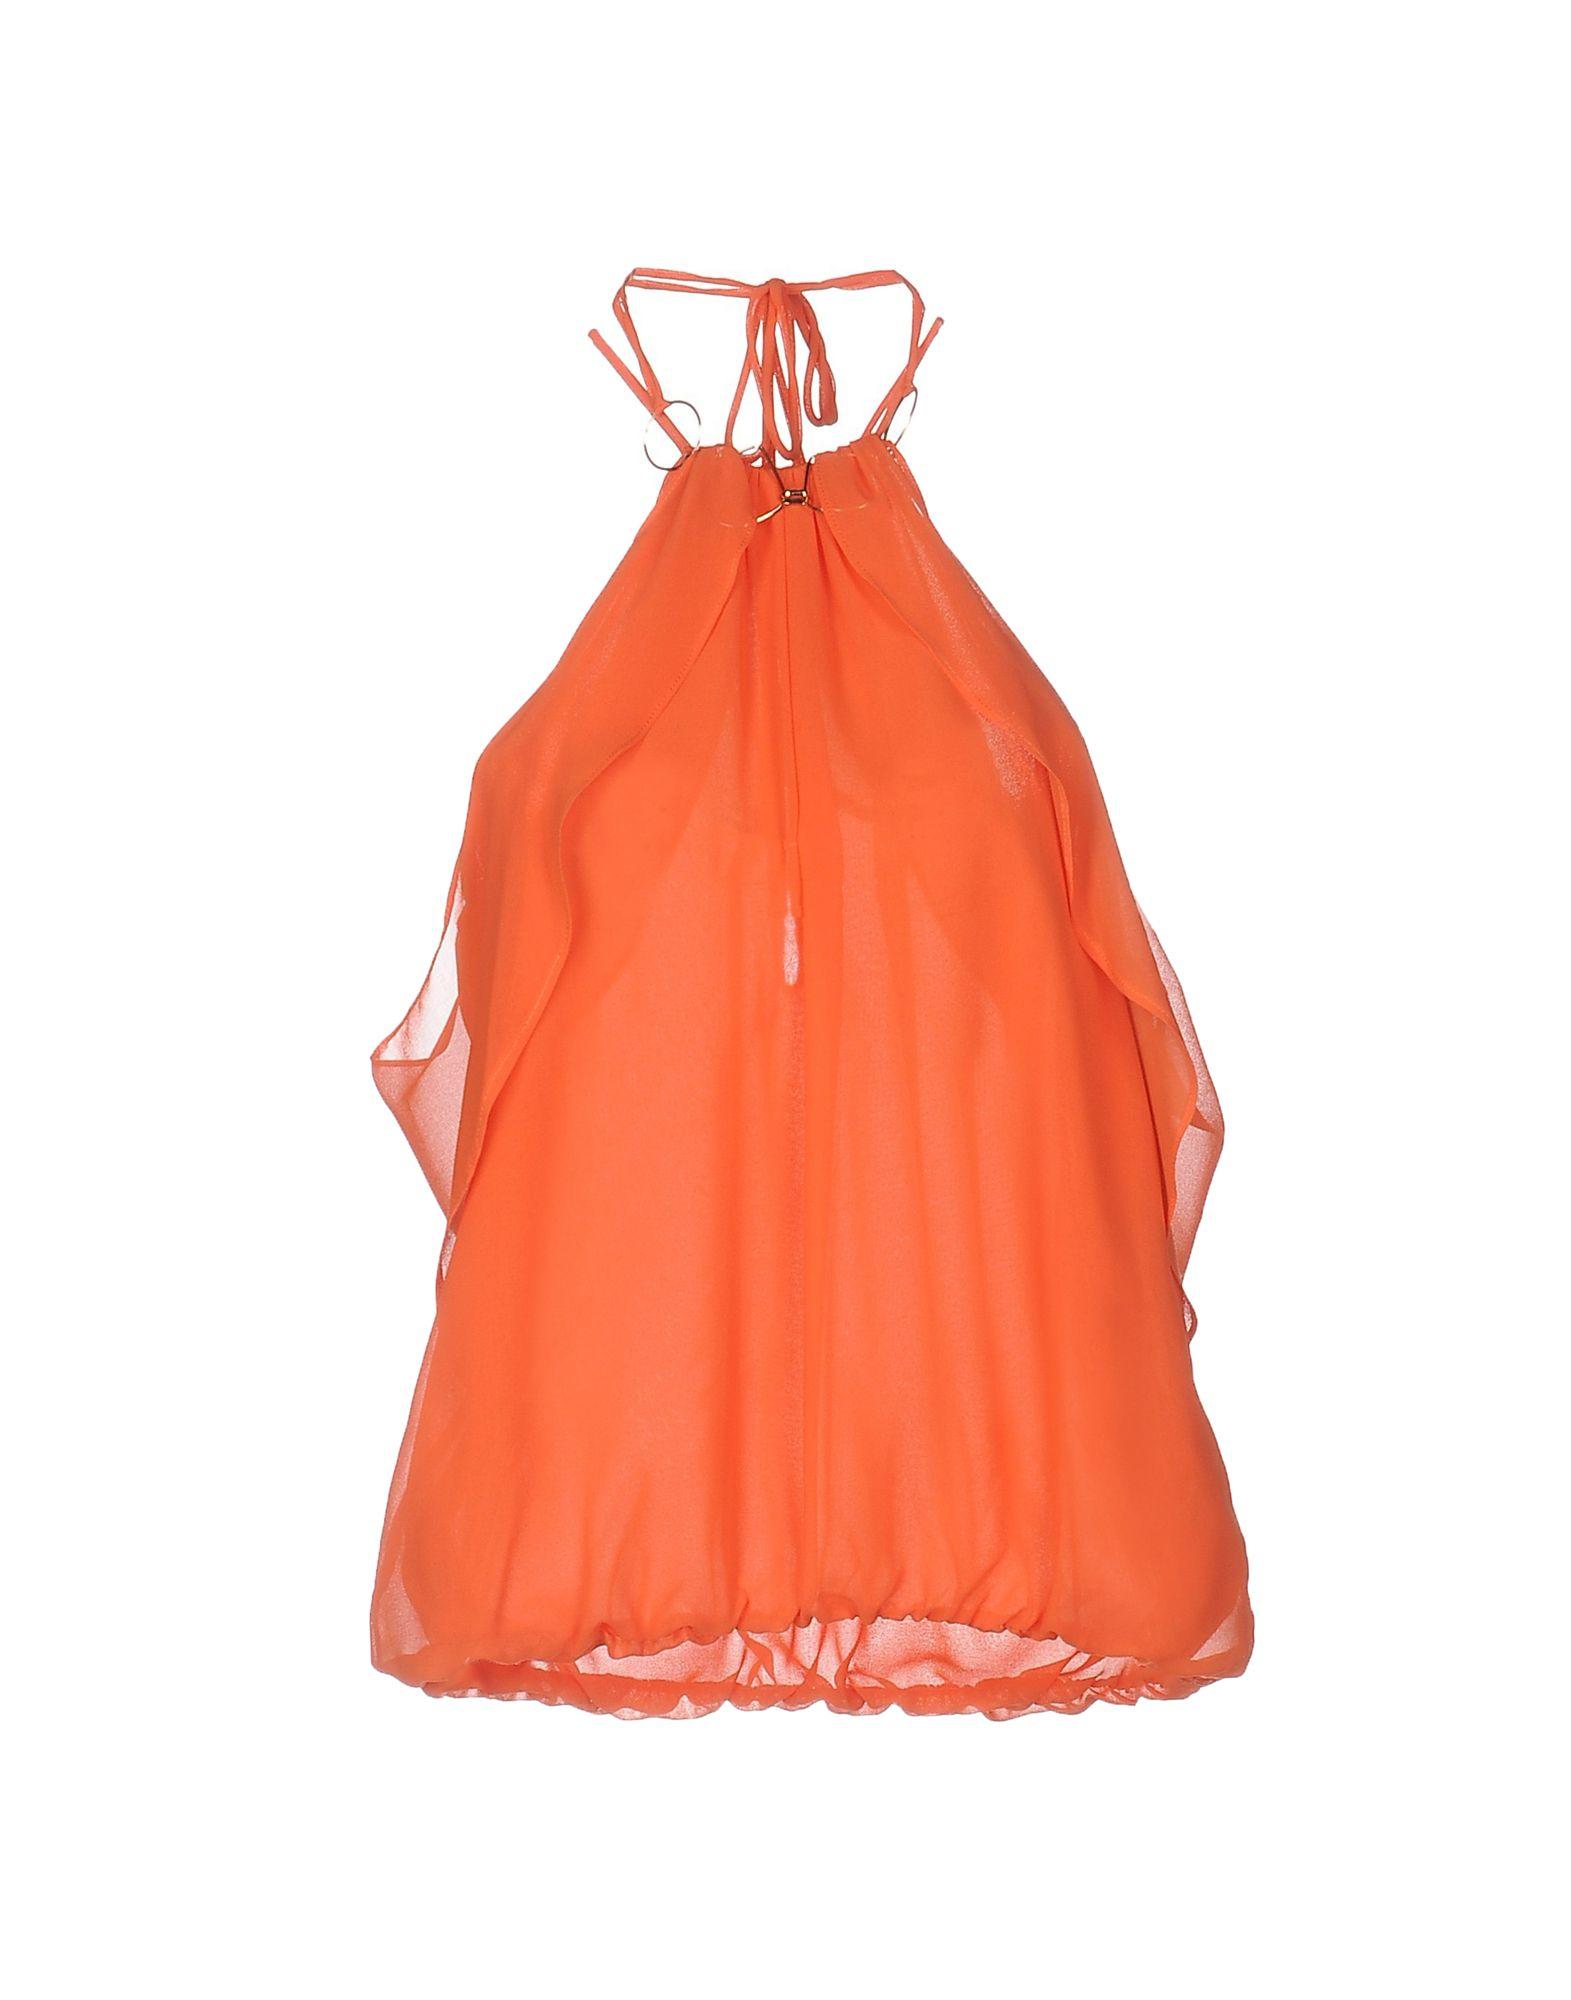 ANNARITA N. Damen Top Farbe Orange Größe 6